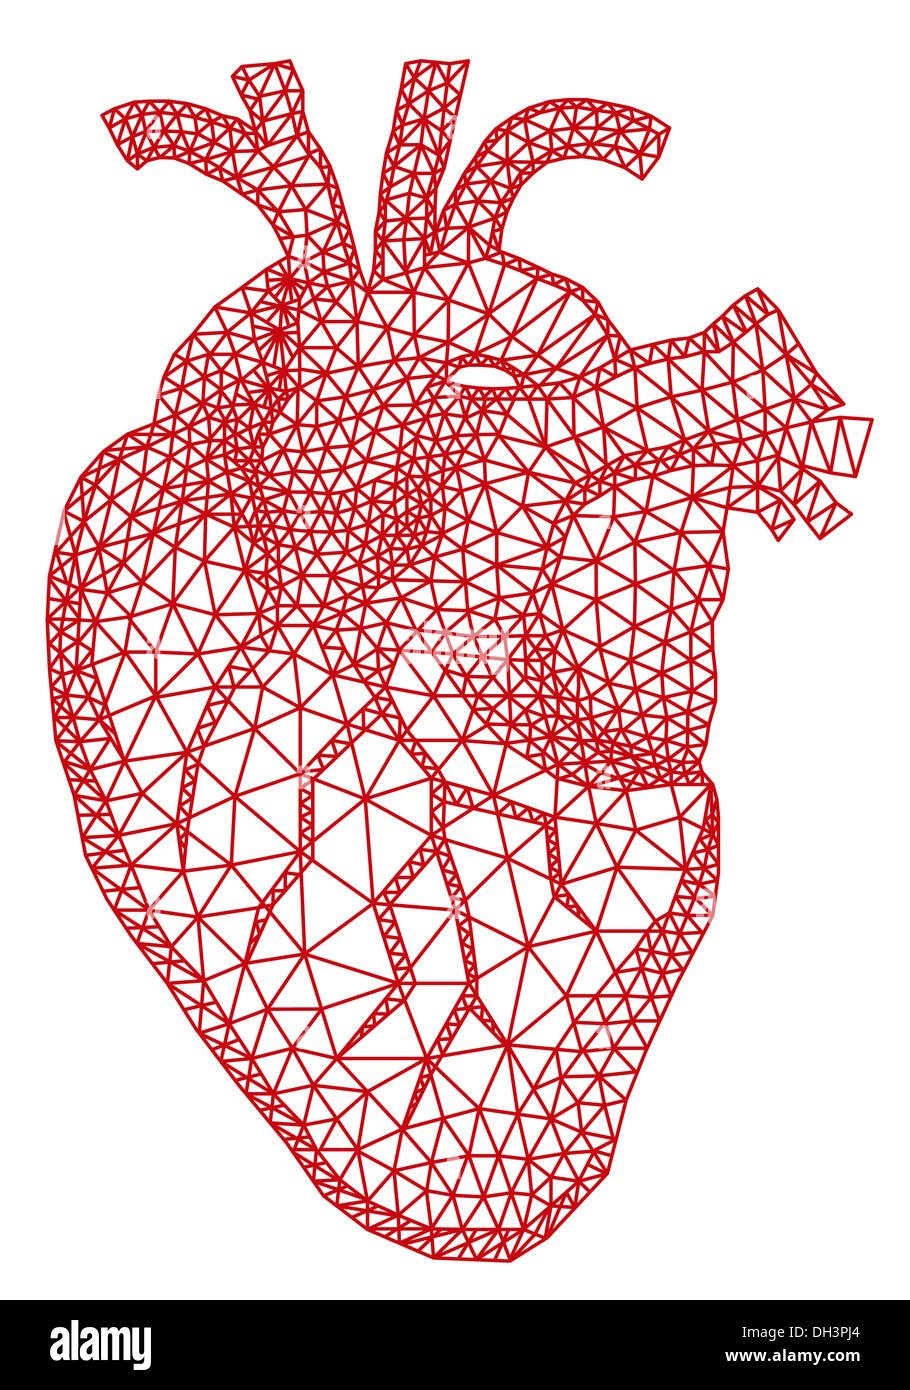 Abstrakt rot Menschenherz mit geometrischen Mesh-Muster Stockbild